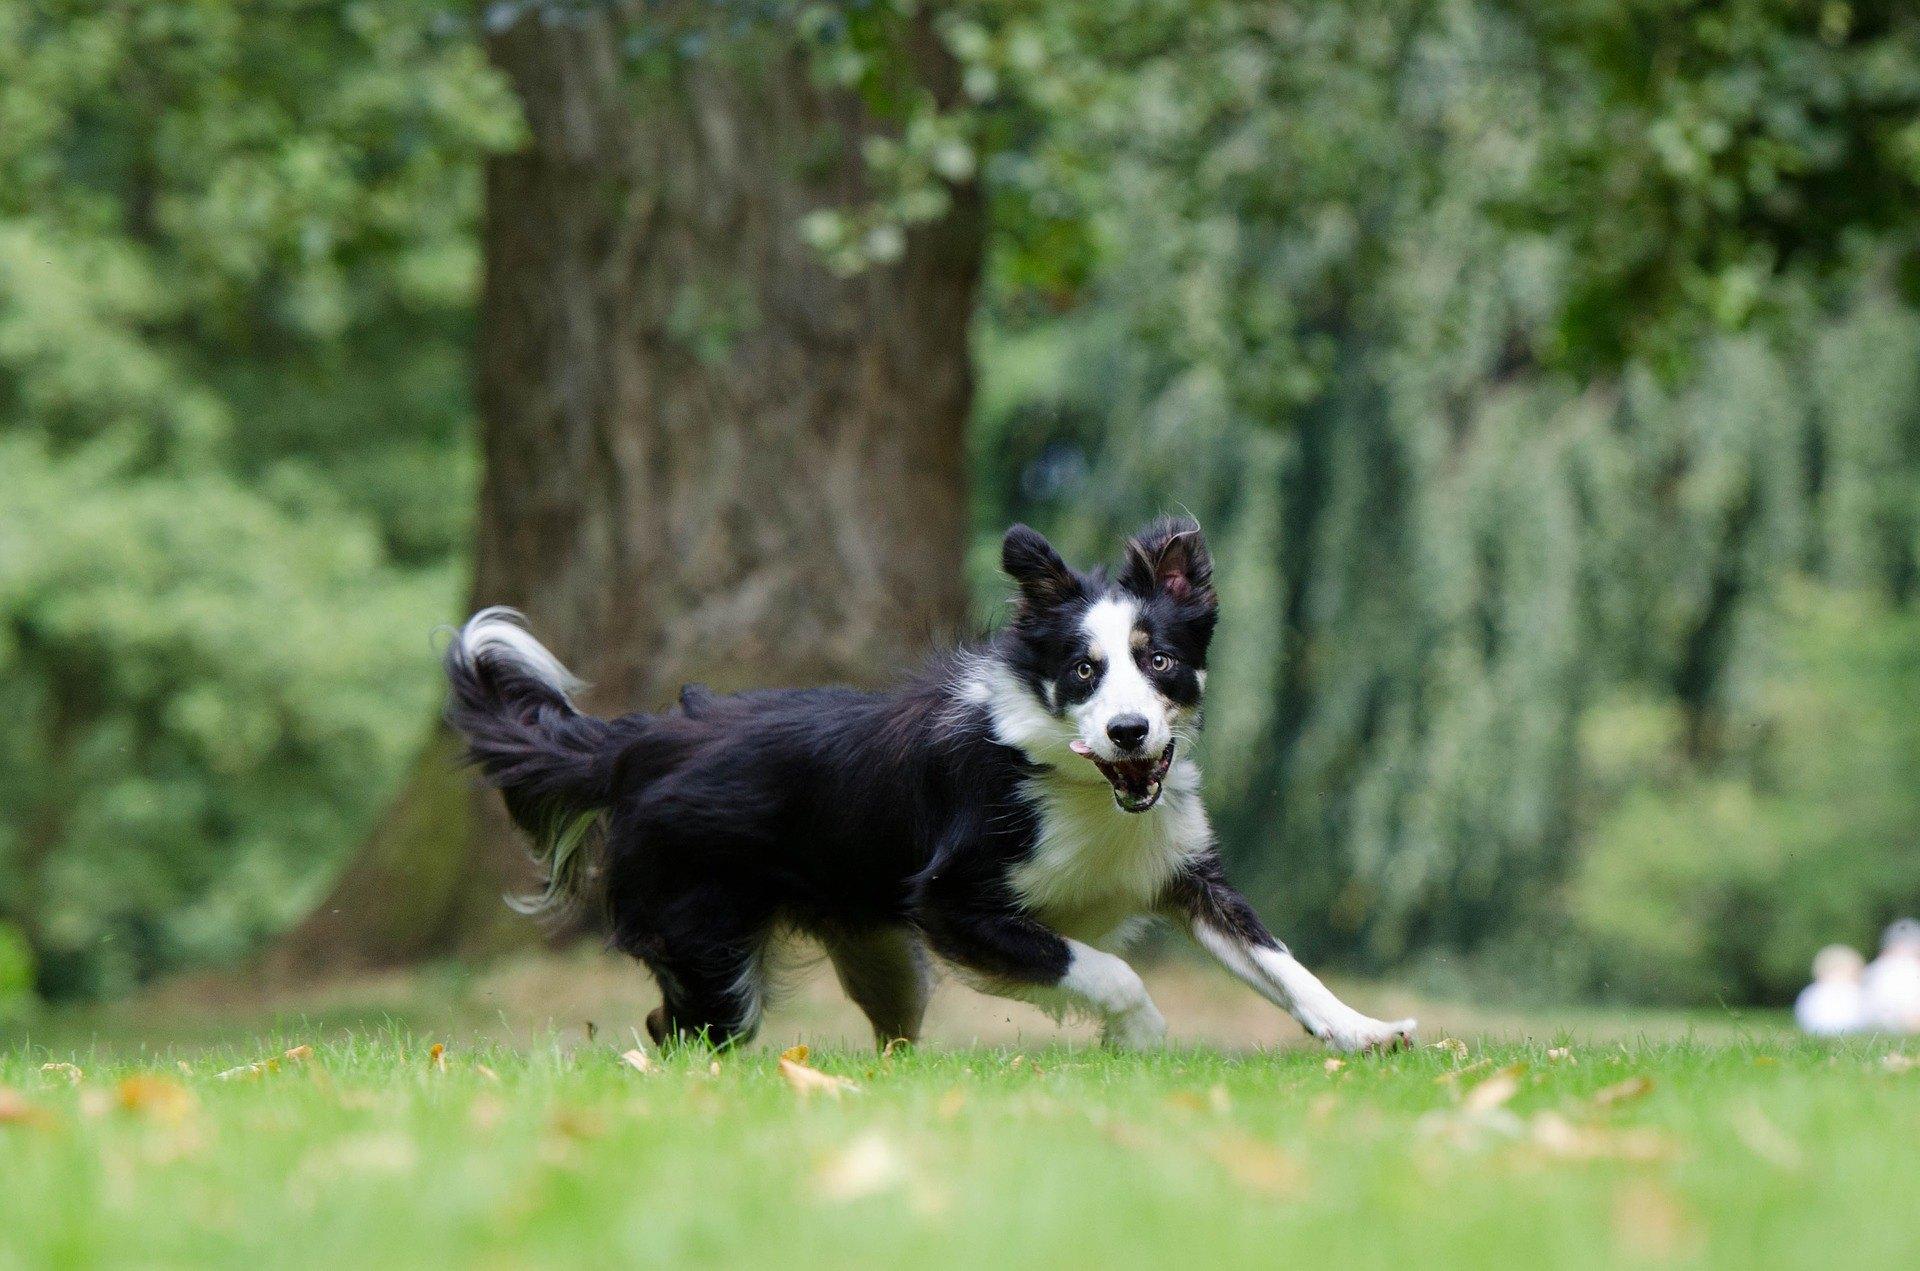 Borderská kólia je stredne veľký pes, ktorý je poslušný, múdry a ochotný spolupracovať. Má rád aktívny životný štýl.